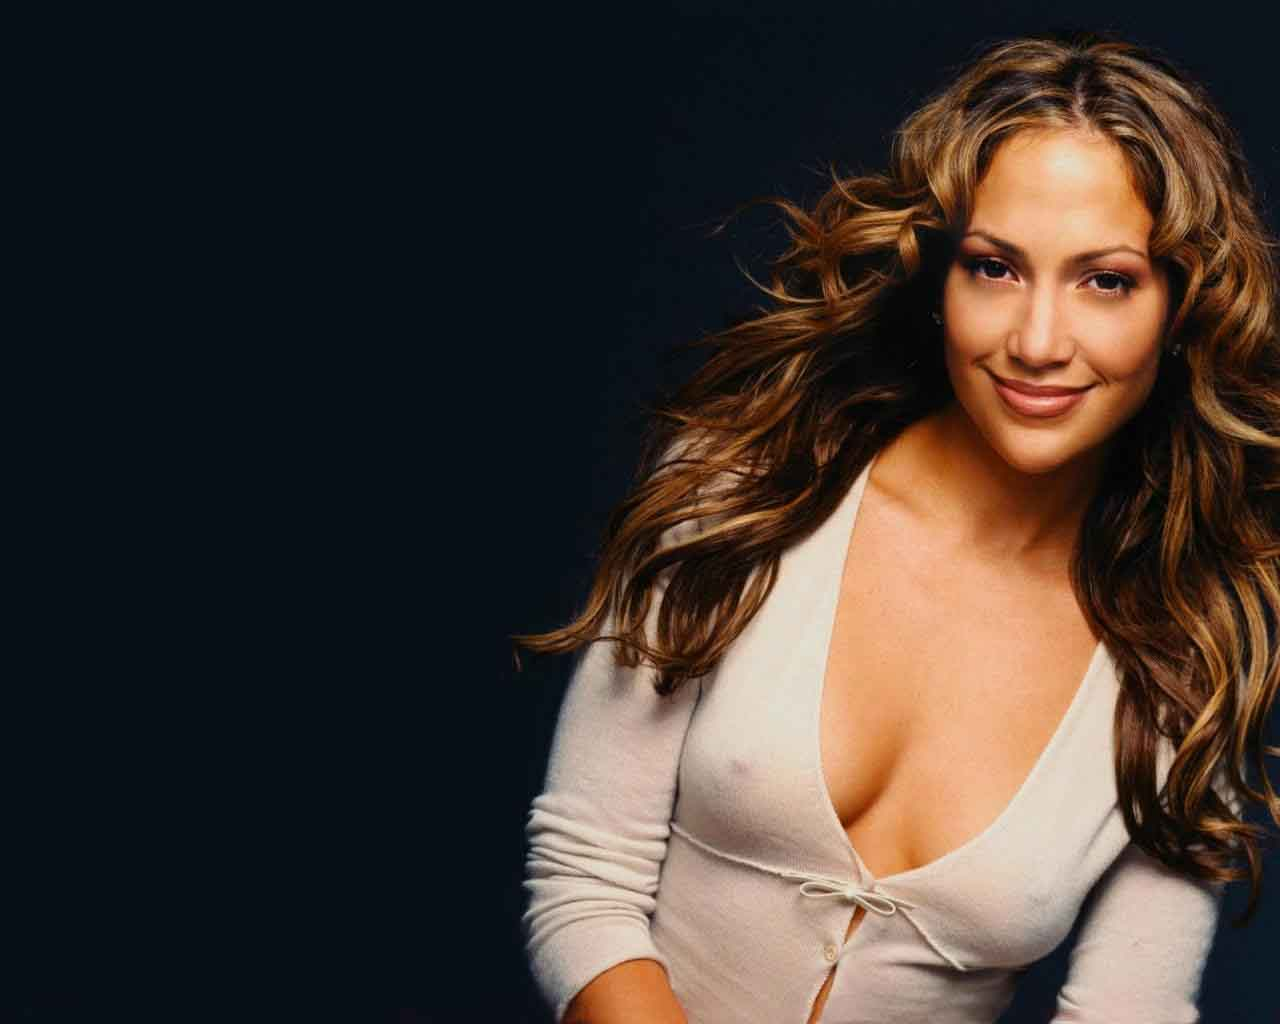 http://3.bp.blogspot.com/-7-e6QeGMKrU/UCHsGg7SliI/AAAAAAAAAv8/WOUln1QE5c4/s1600/Jennifer+Lopez.jpg